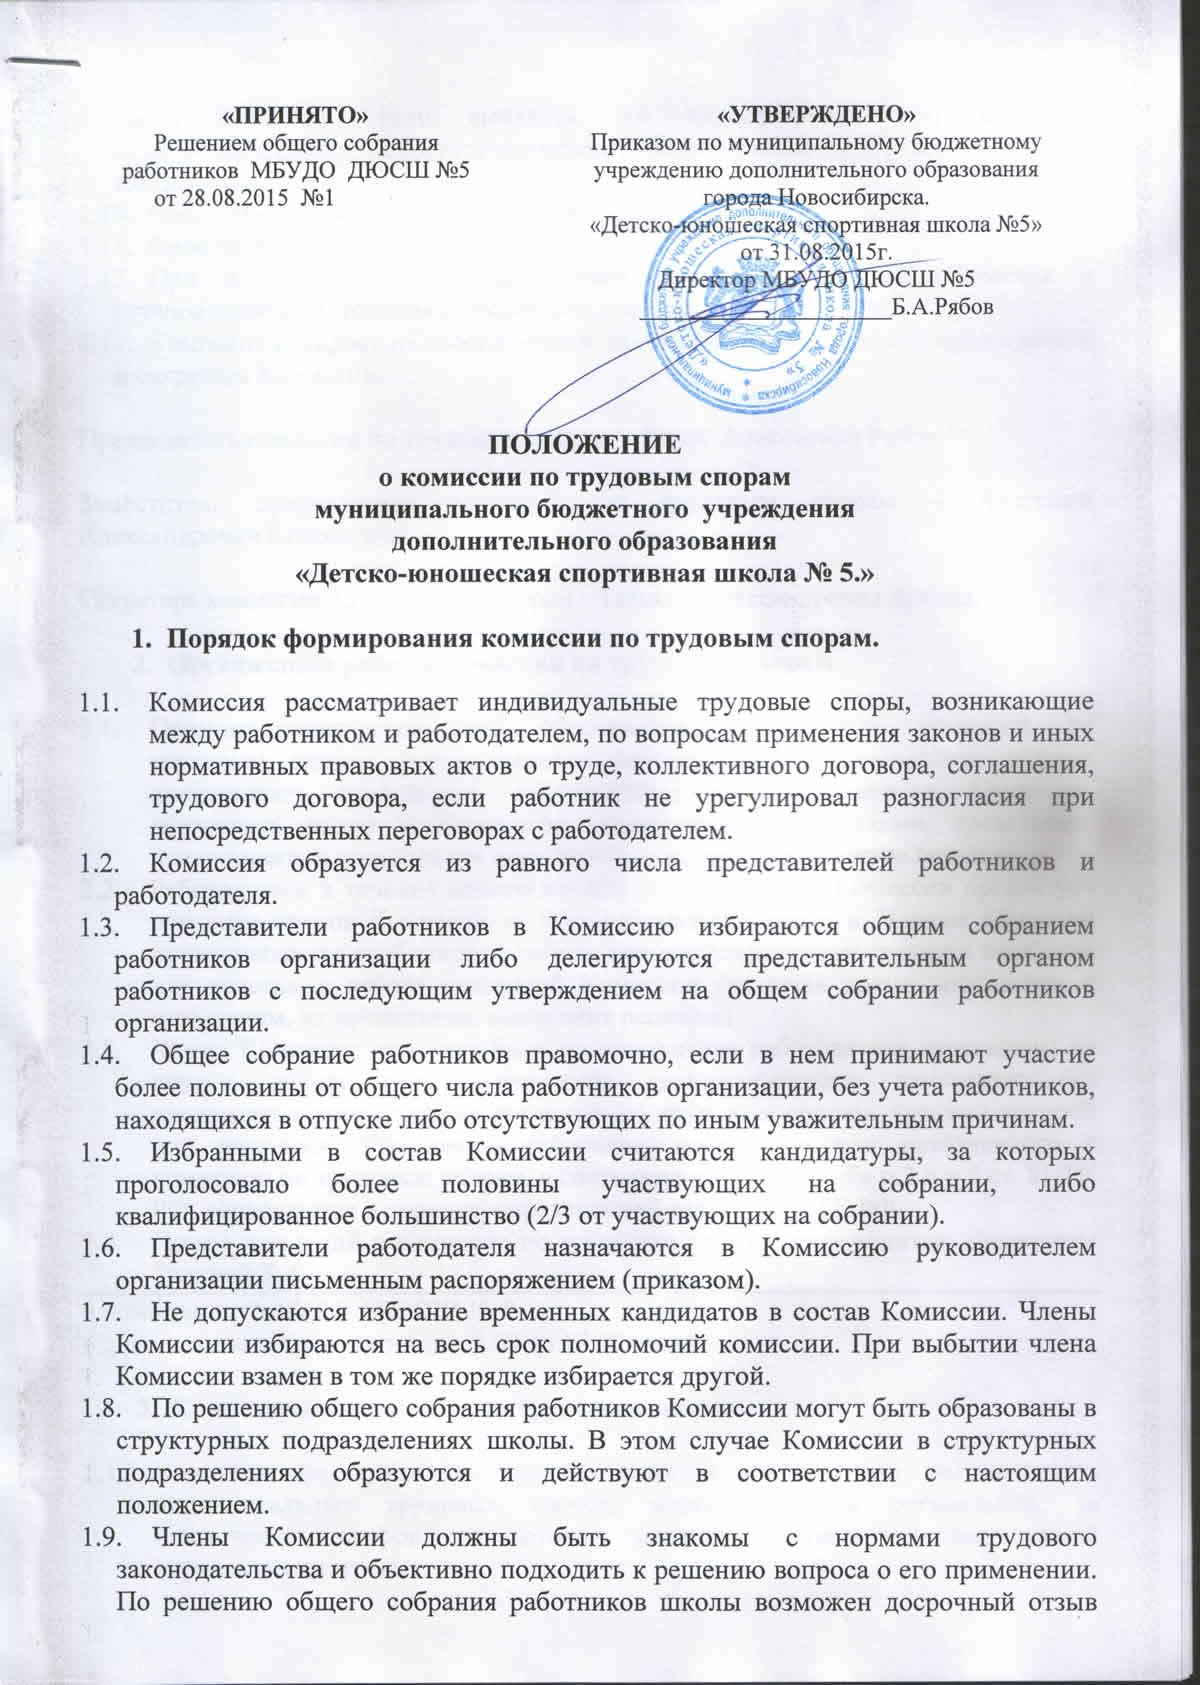 удостоверения выдаваемые комиссиями по трудовым спорам